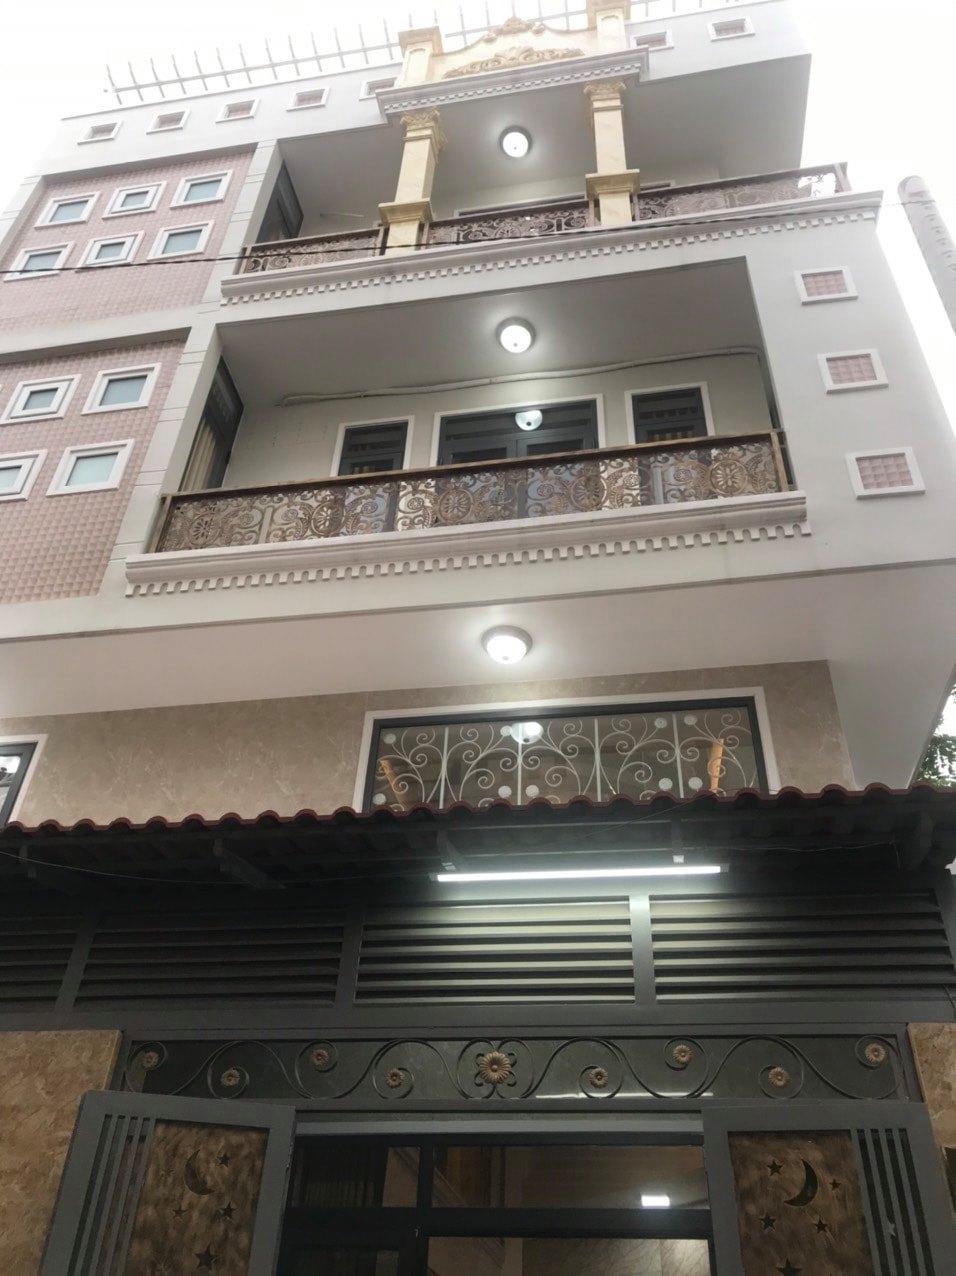 Nhà 5 tầng mới cóng,lô góc,HXH Nguyễn Văn Lượng,P.16,GV,giá mùa dịch